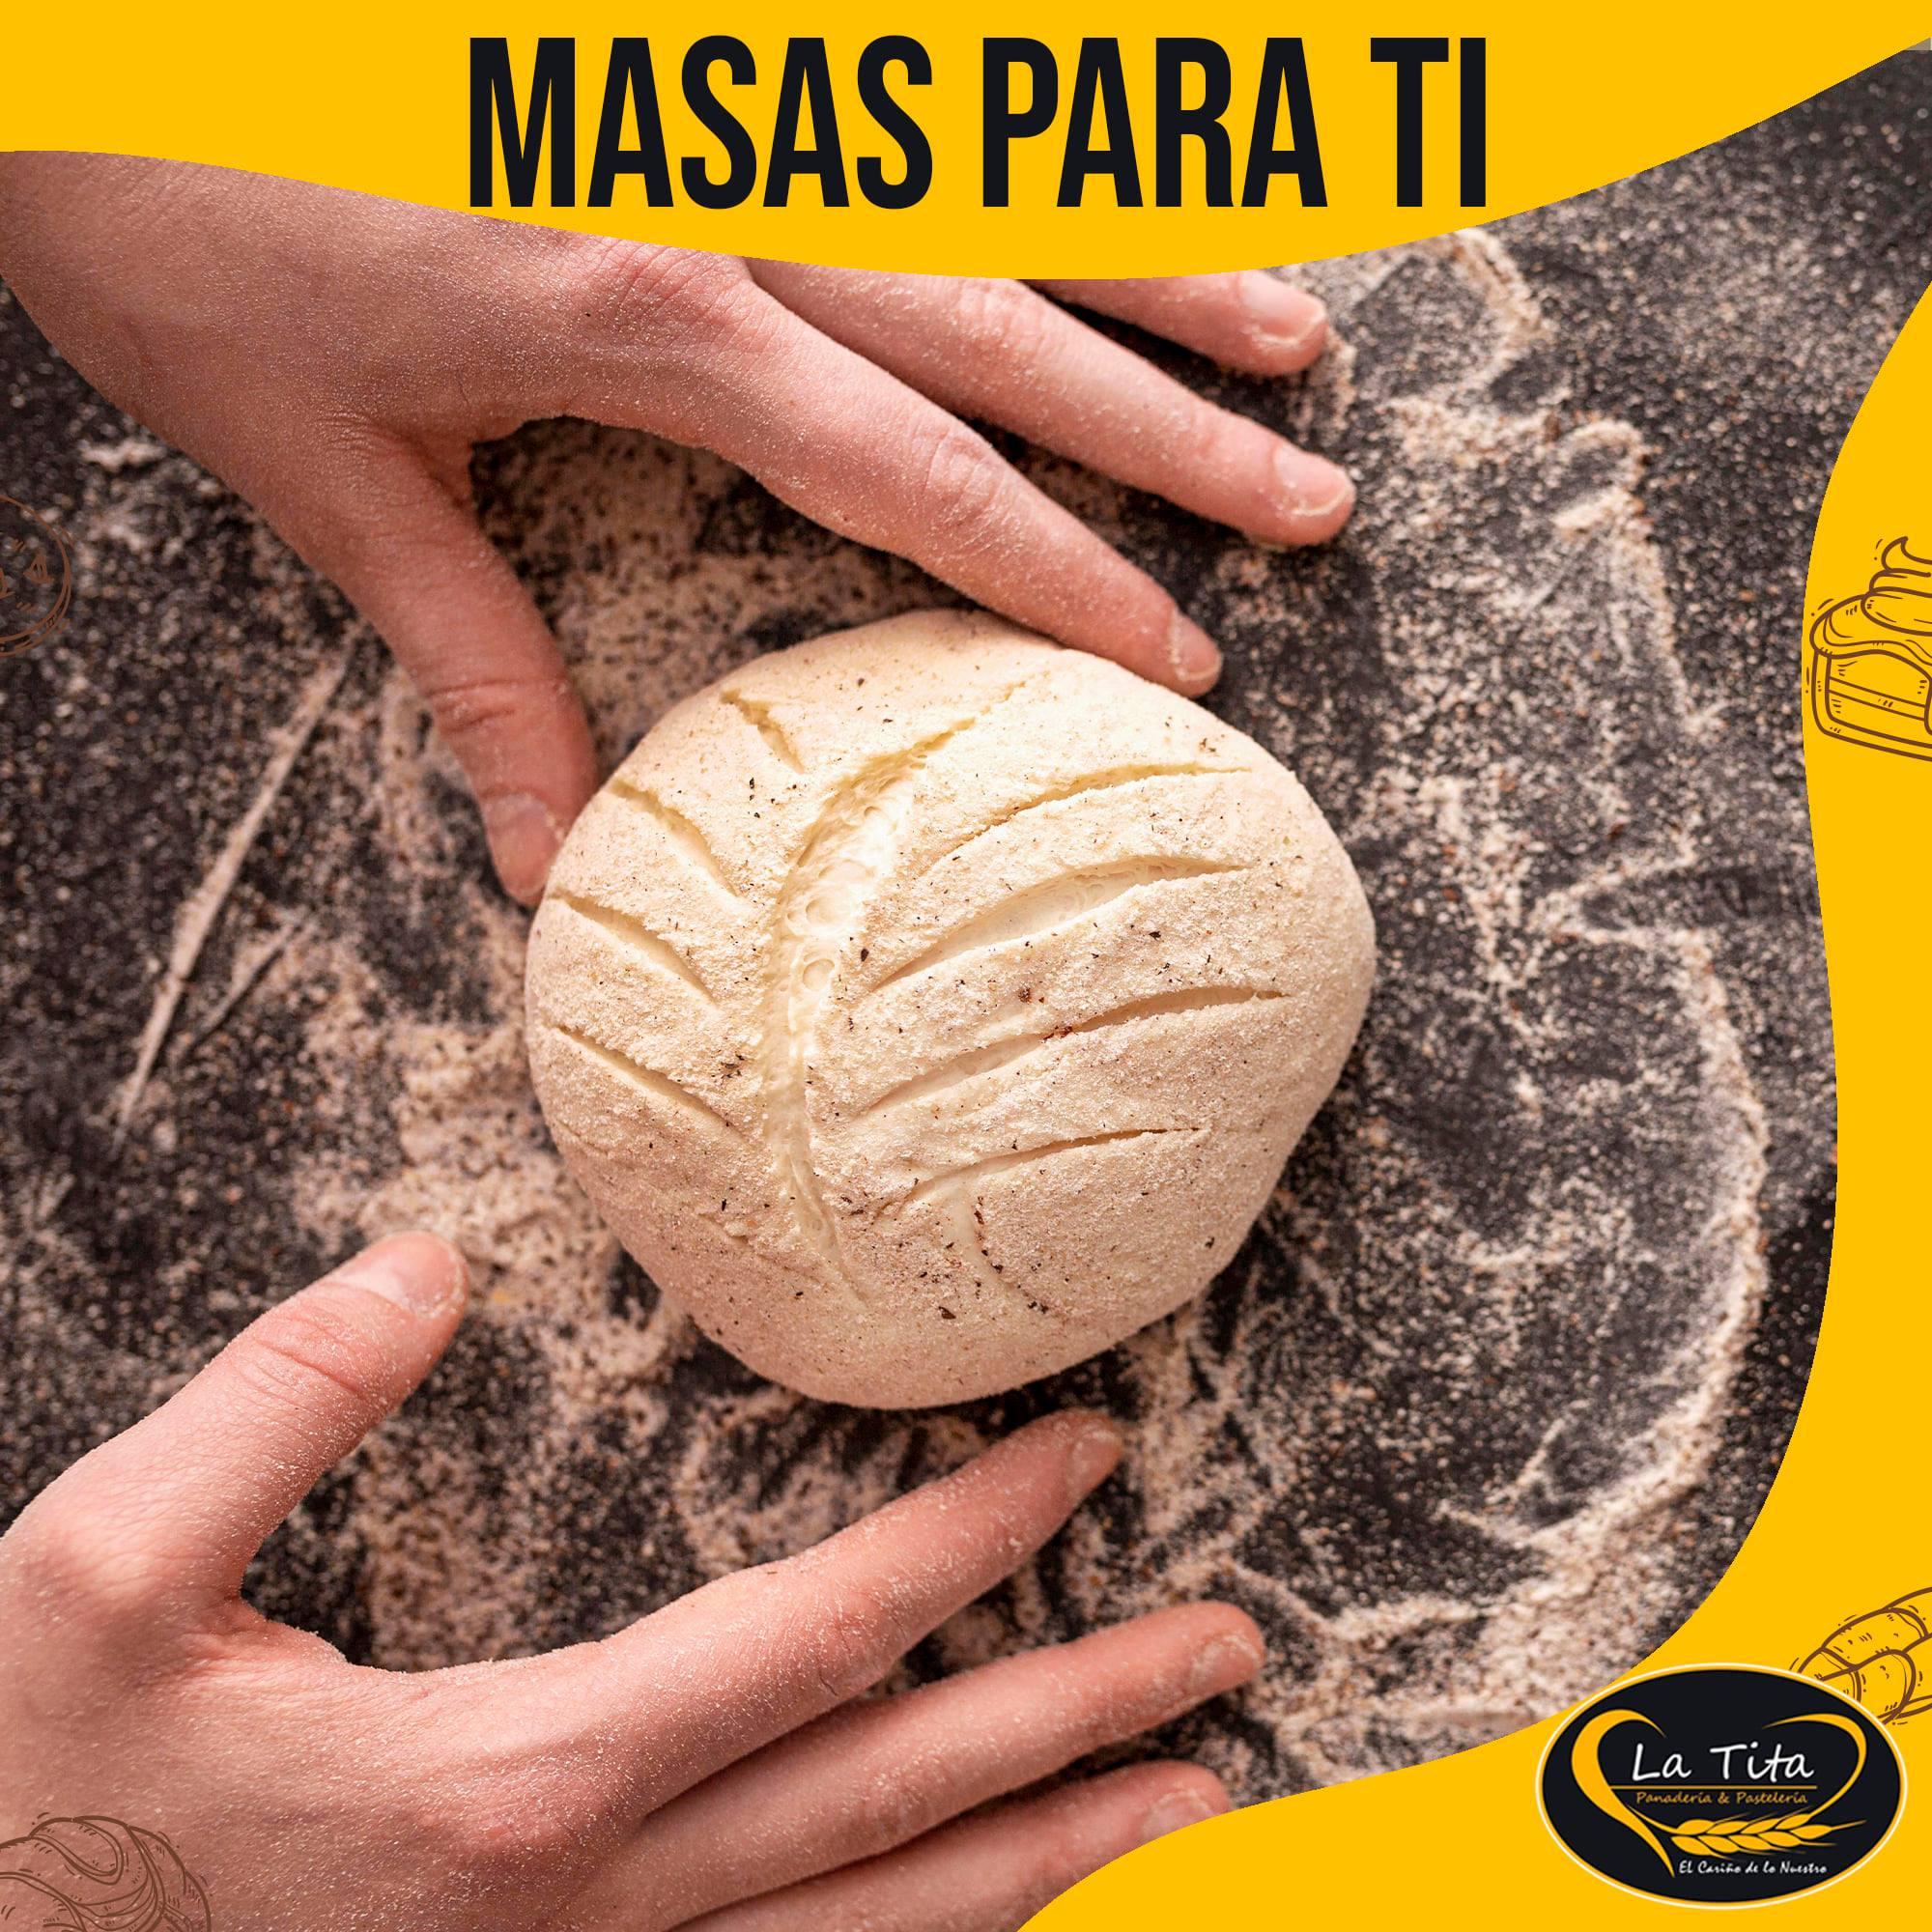 Panadería La Tita